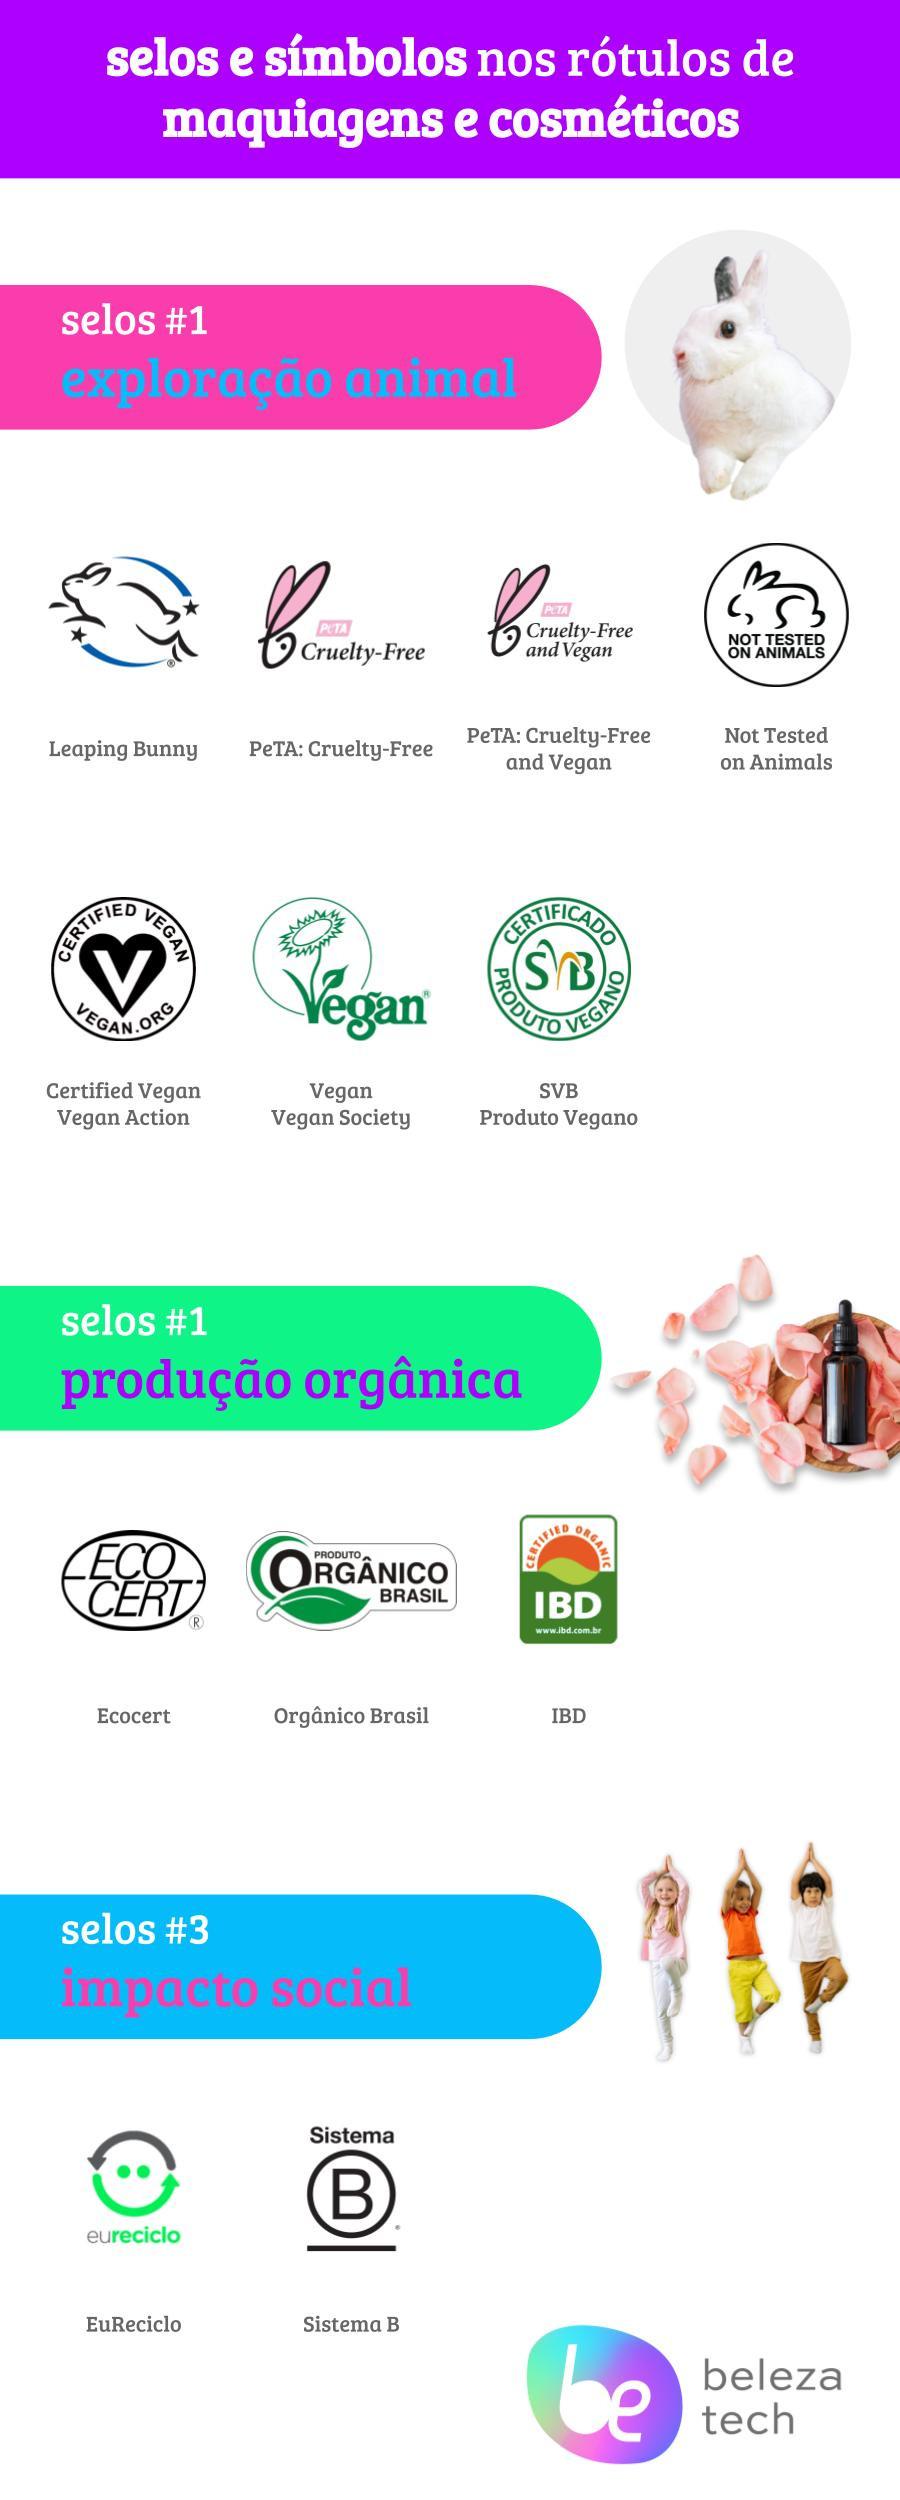 Selos e símbolos que comumente aparecem nos rótulos dos cosméticos e maquiagens no Brasil